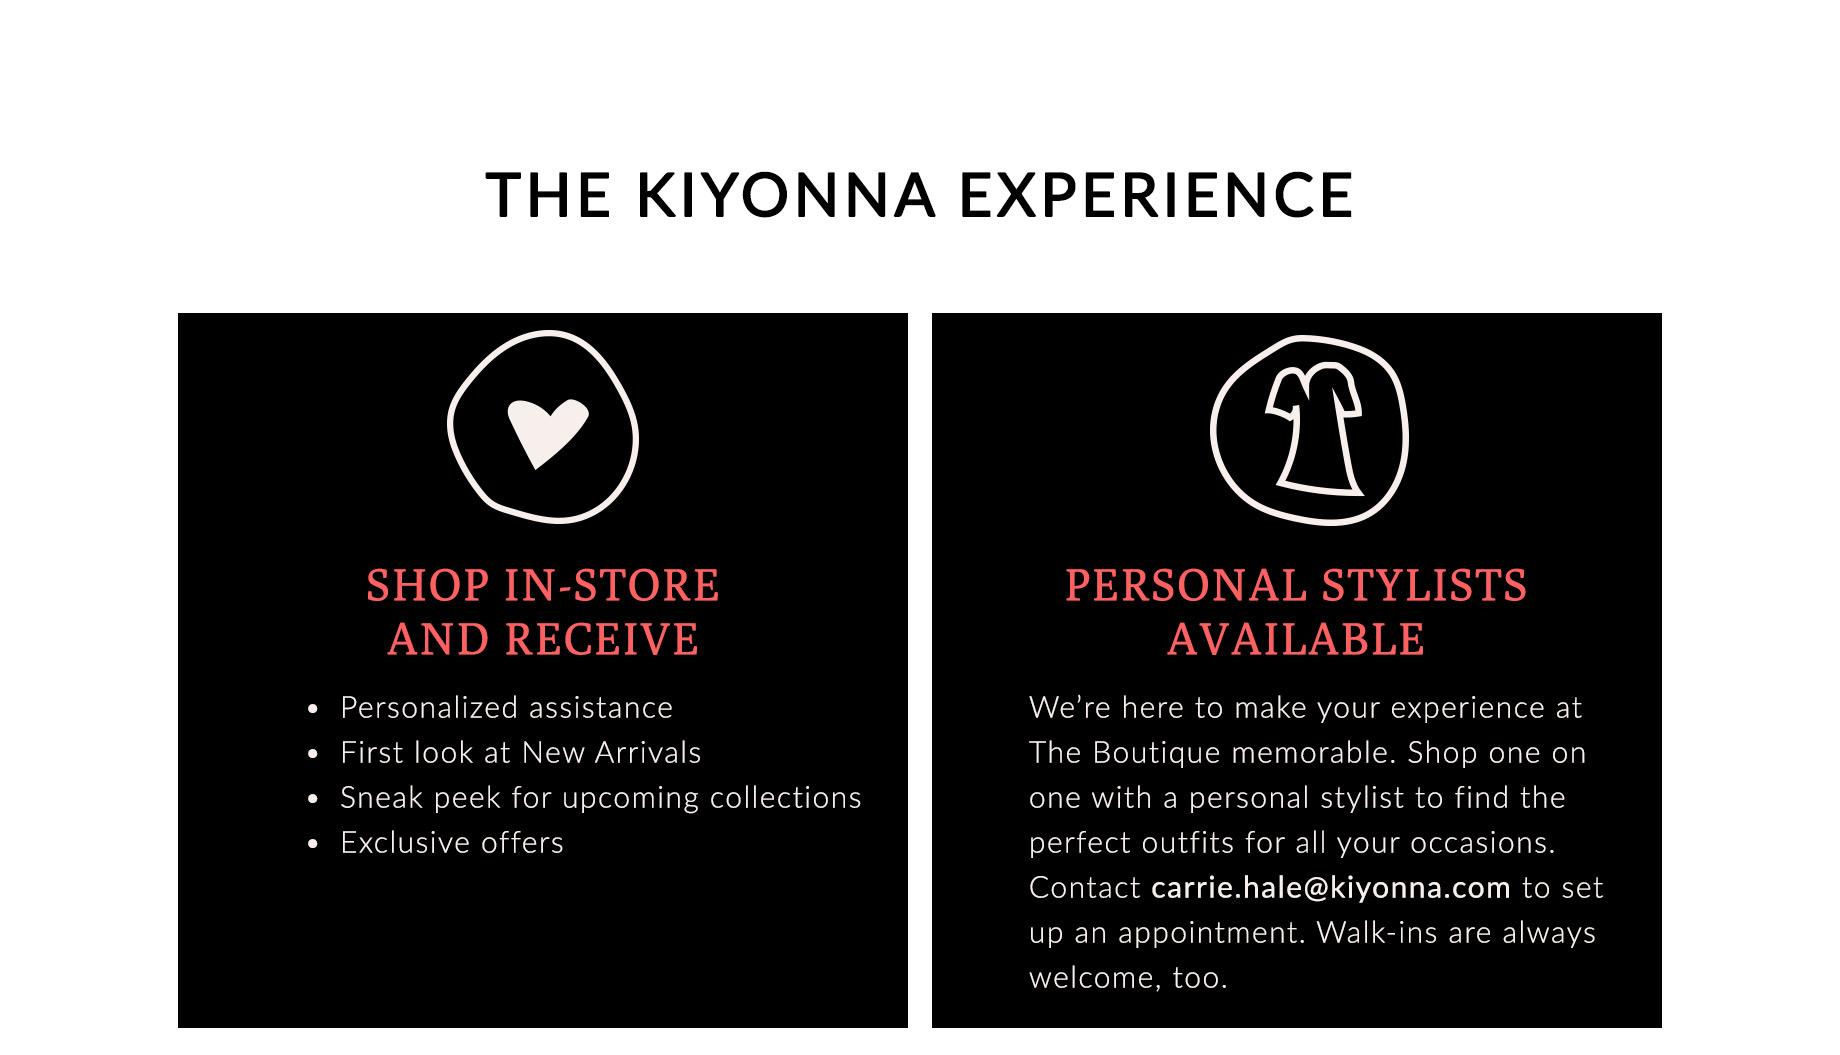 The Kiyonna Experience